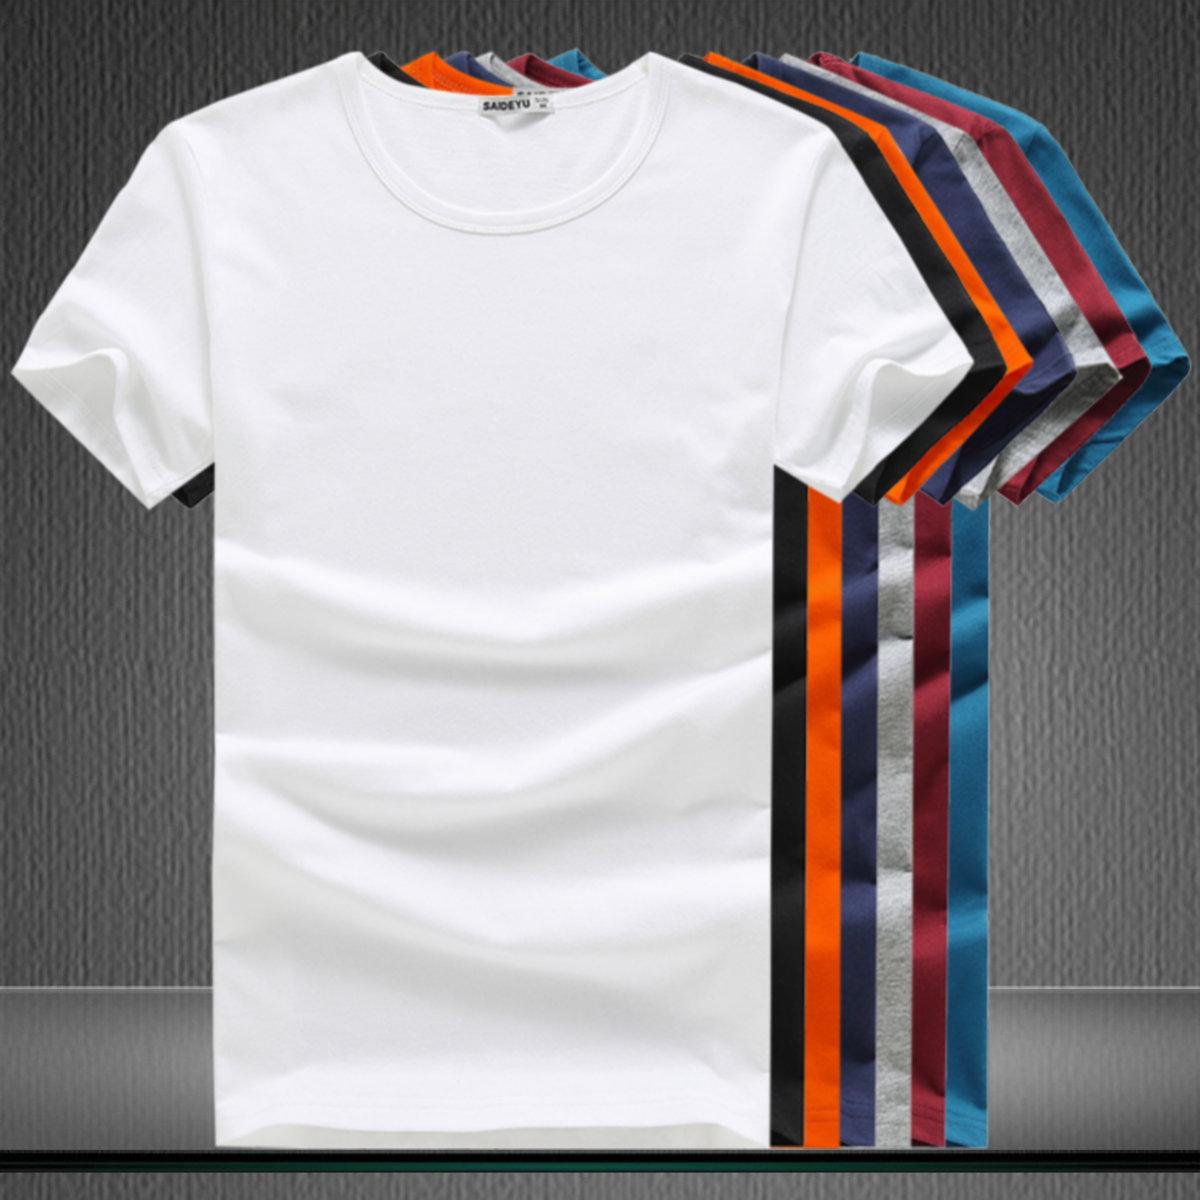 纯色短袖t恤男纯棉夏季圆领打底衫潮流男纯白半袖韩版修身上衣服